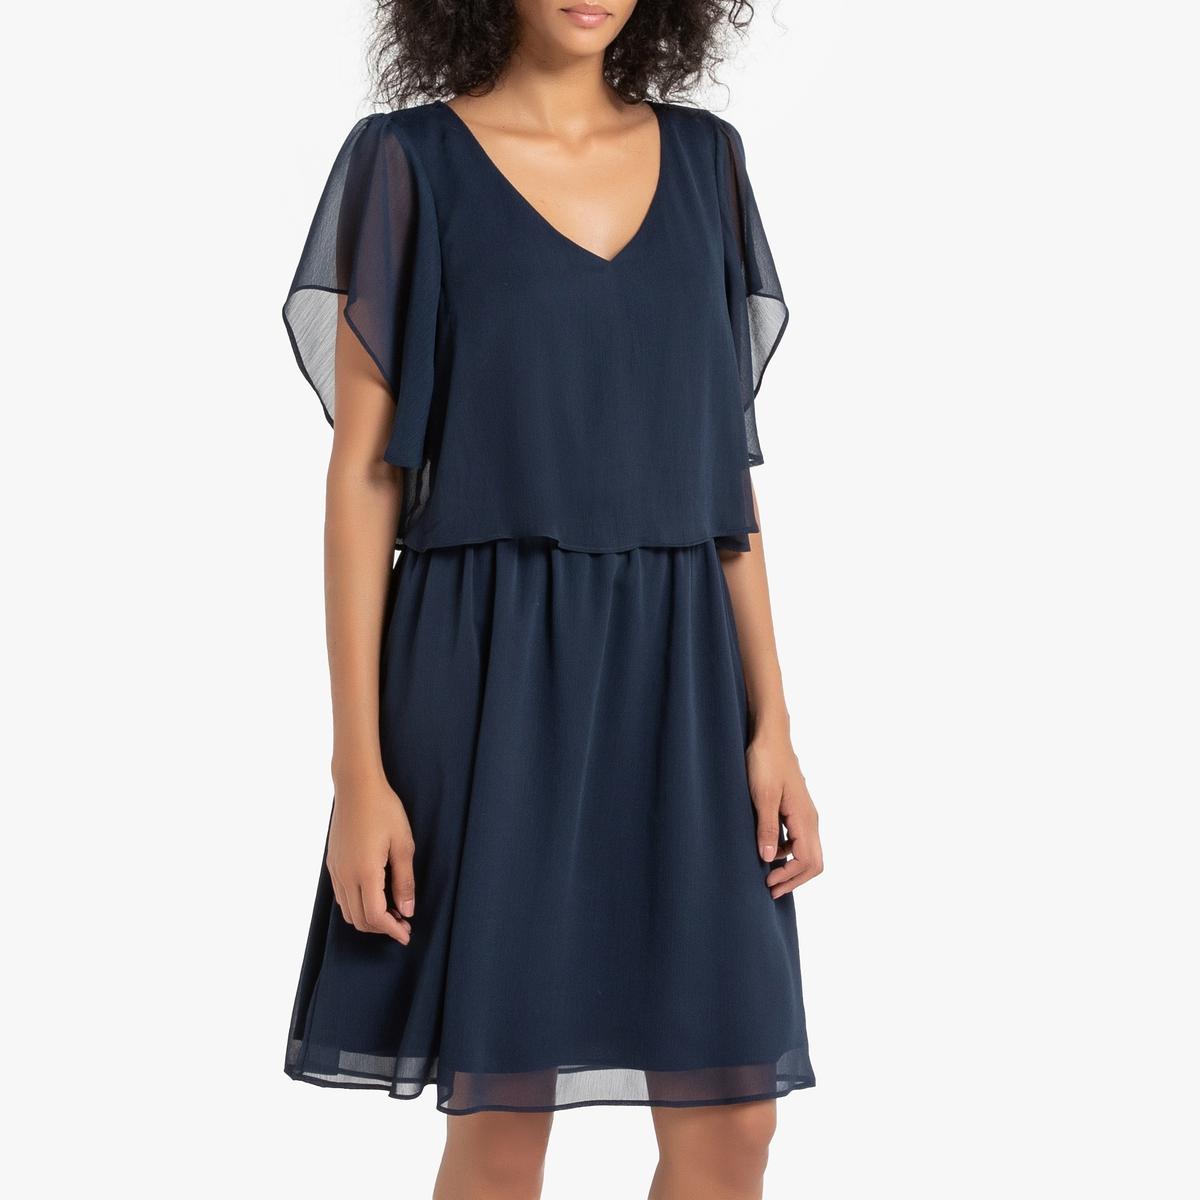 Платье La Redoute Короткое струящееся с вырезом сзади 40 (FR) - 46 (RUS) синий платье la redoute прямое струящееся cienna 2 m синий